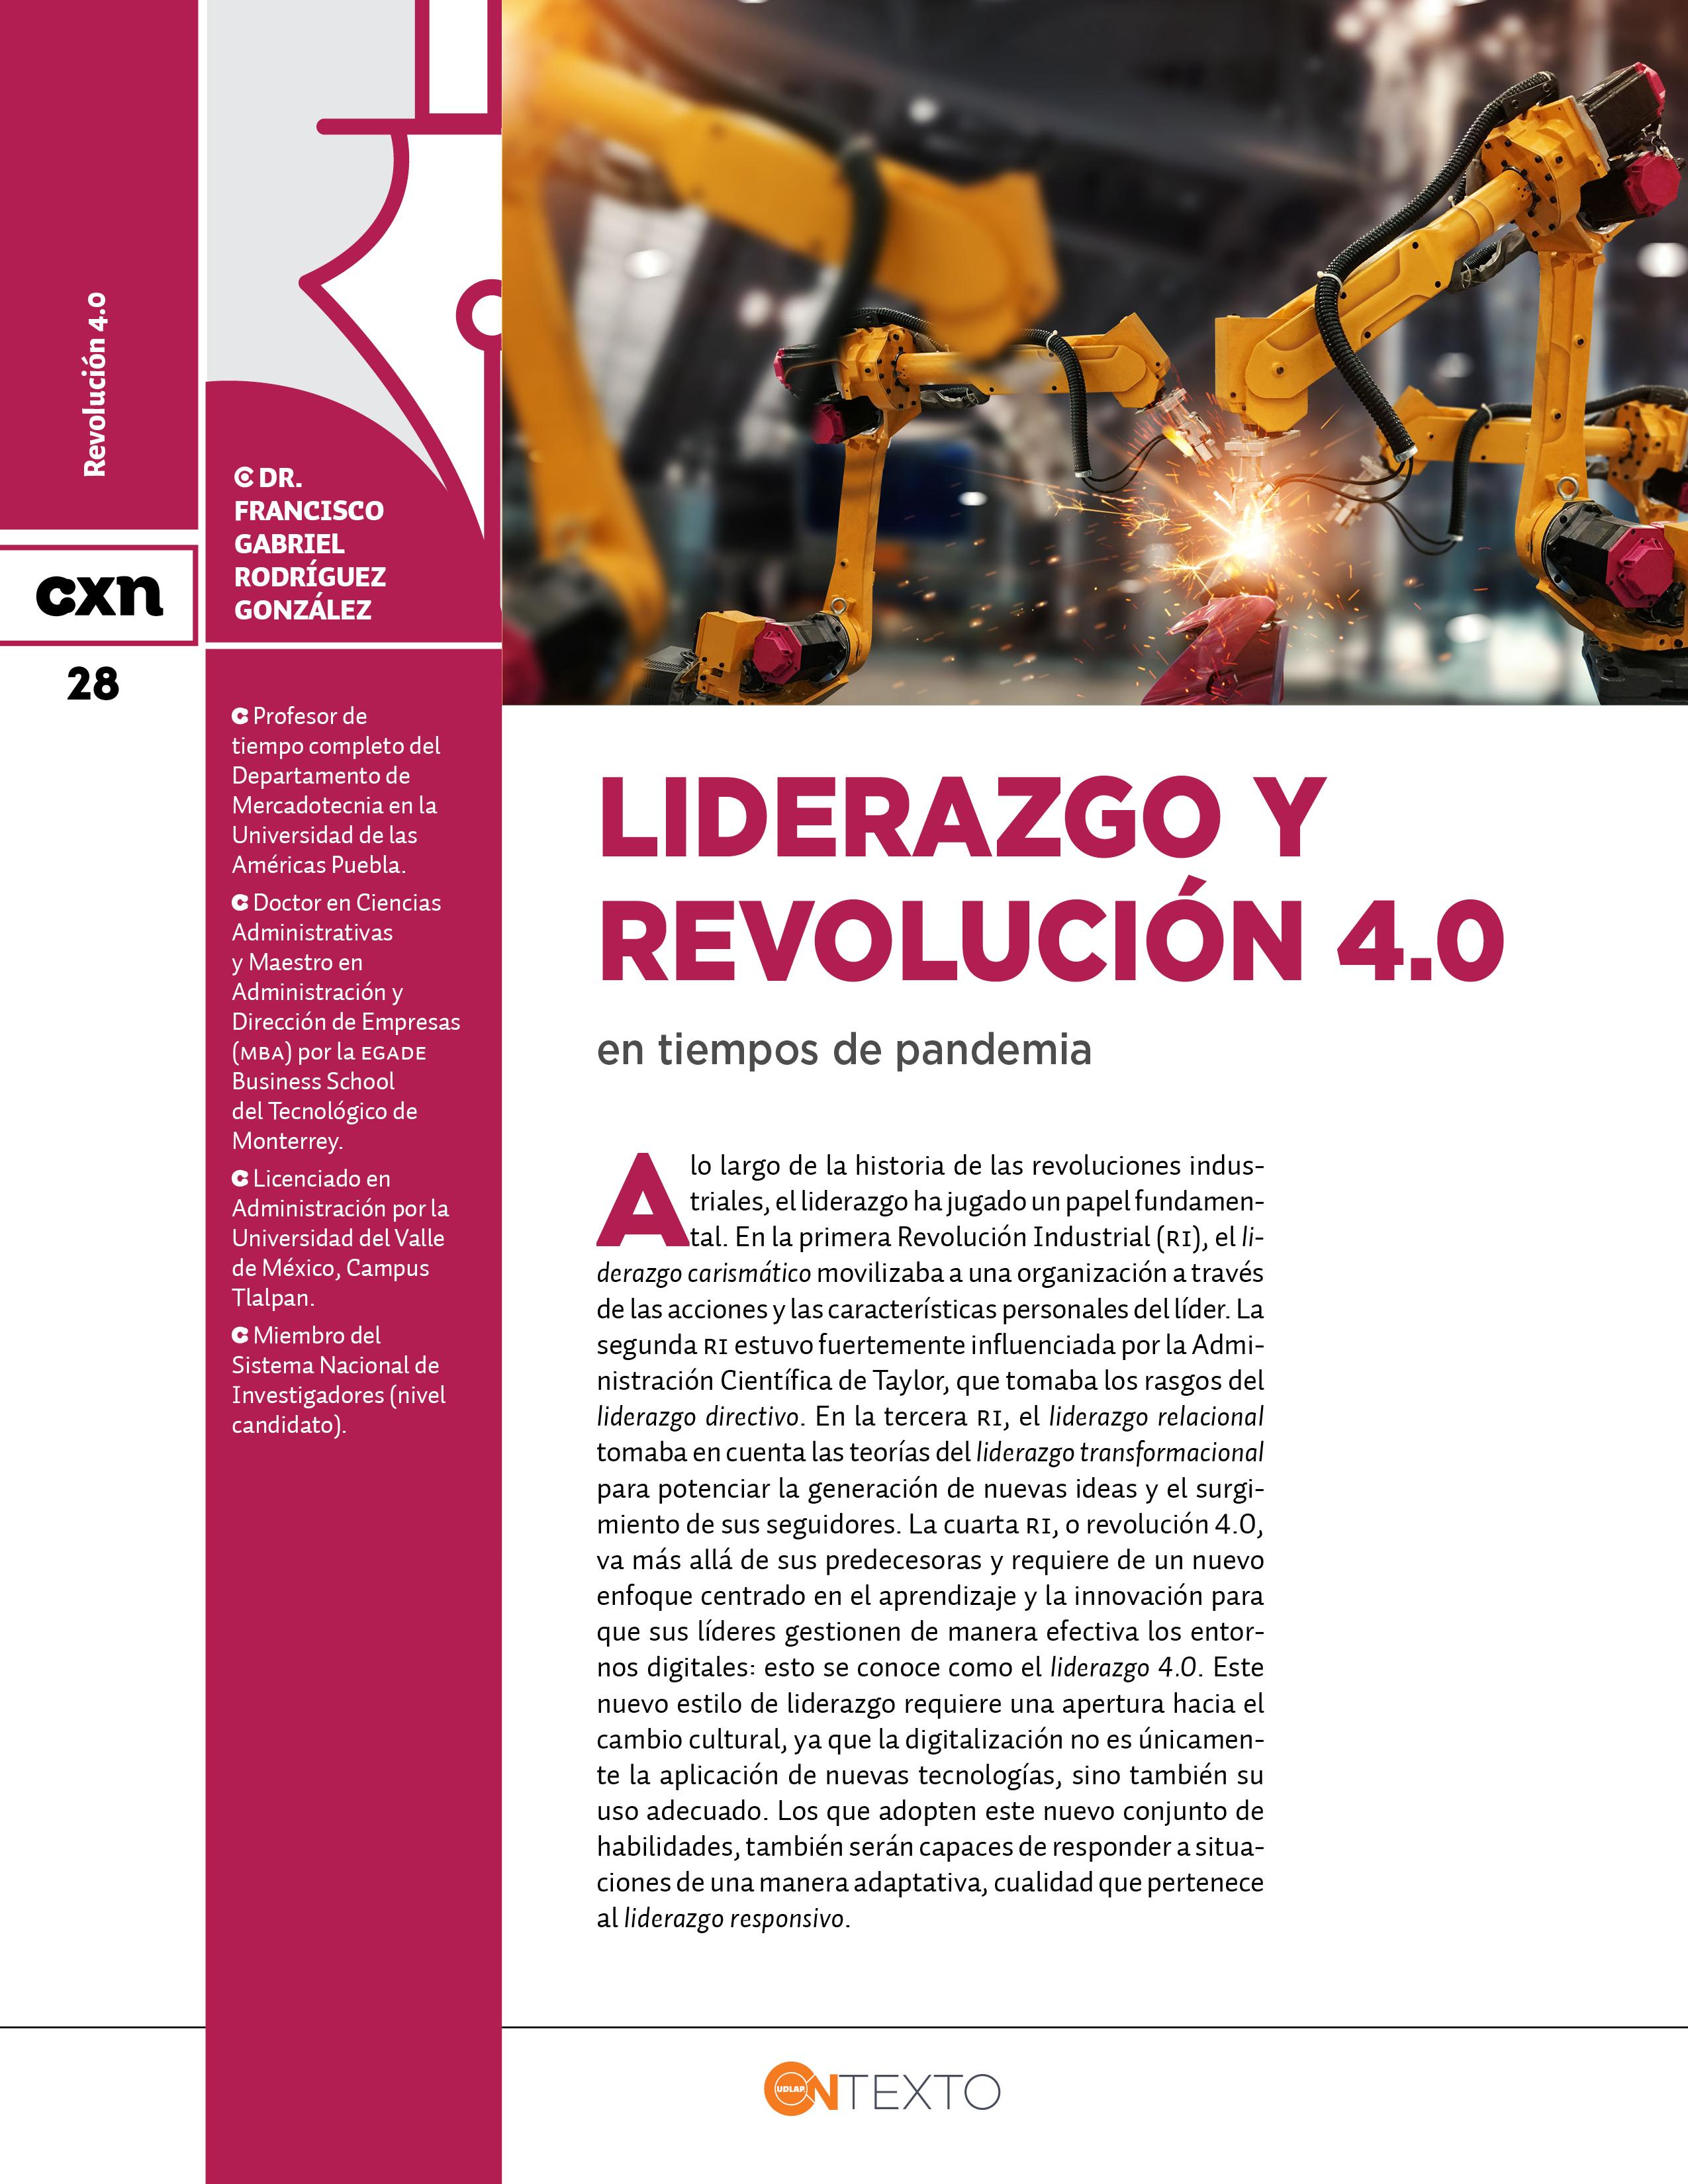 Liderazgo y revolución 4.0 en tiempos de pandemia Conexion UDLAP